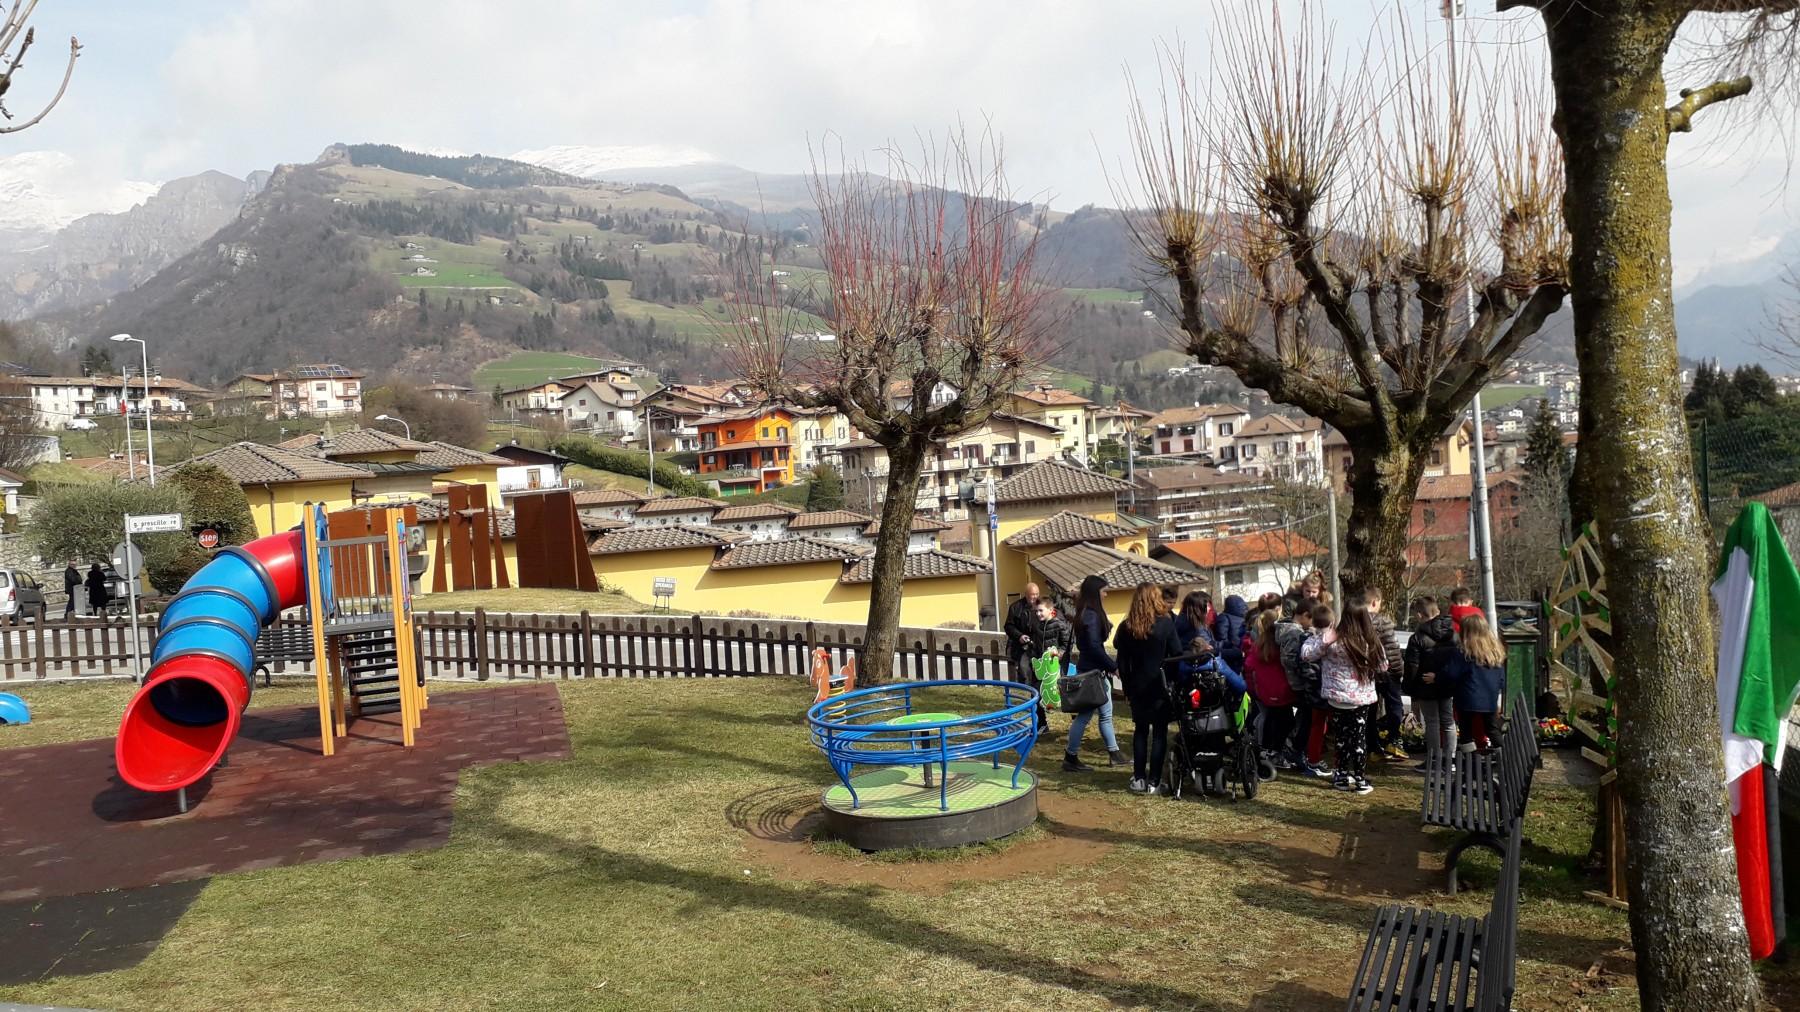 un nuovo Giardino al Parco Giardini di Via Don Antonio Seghezzi a Premolo